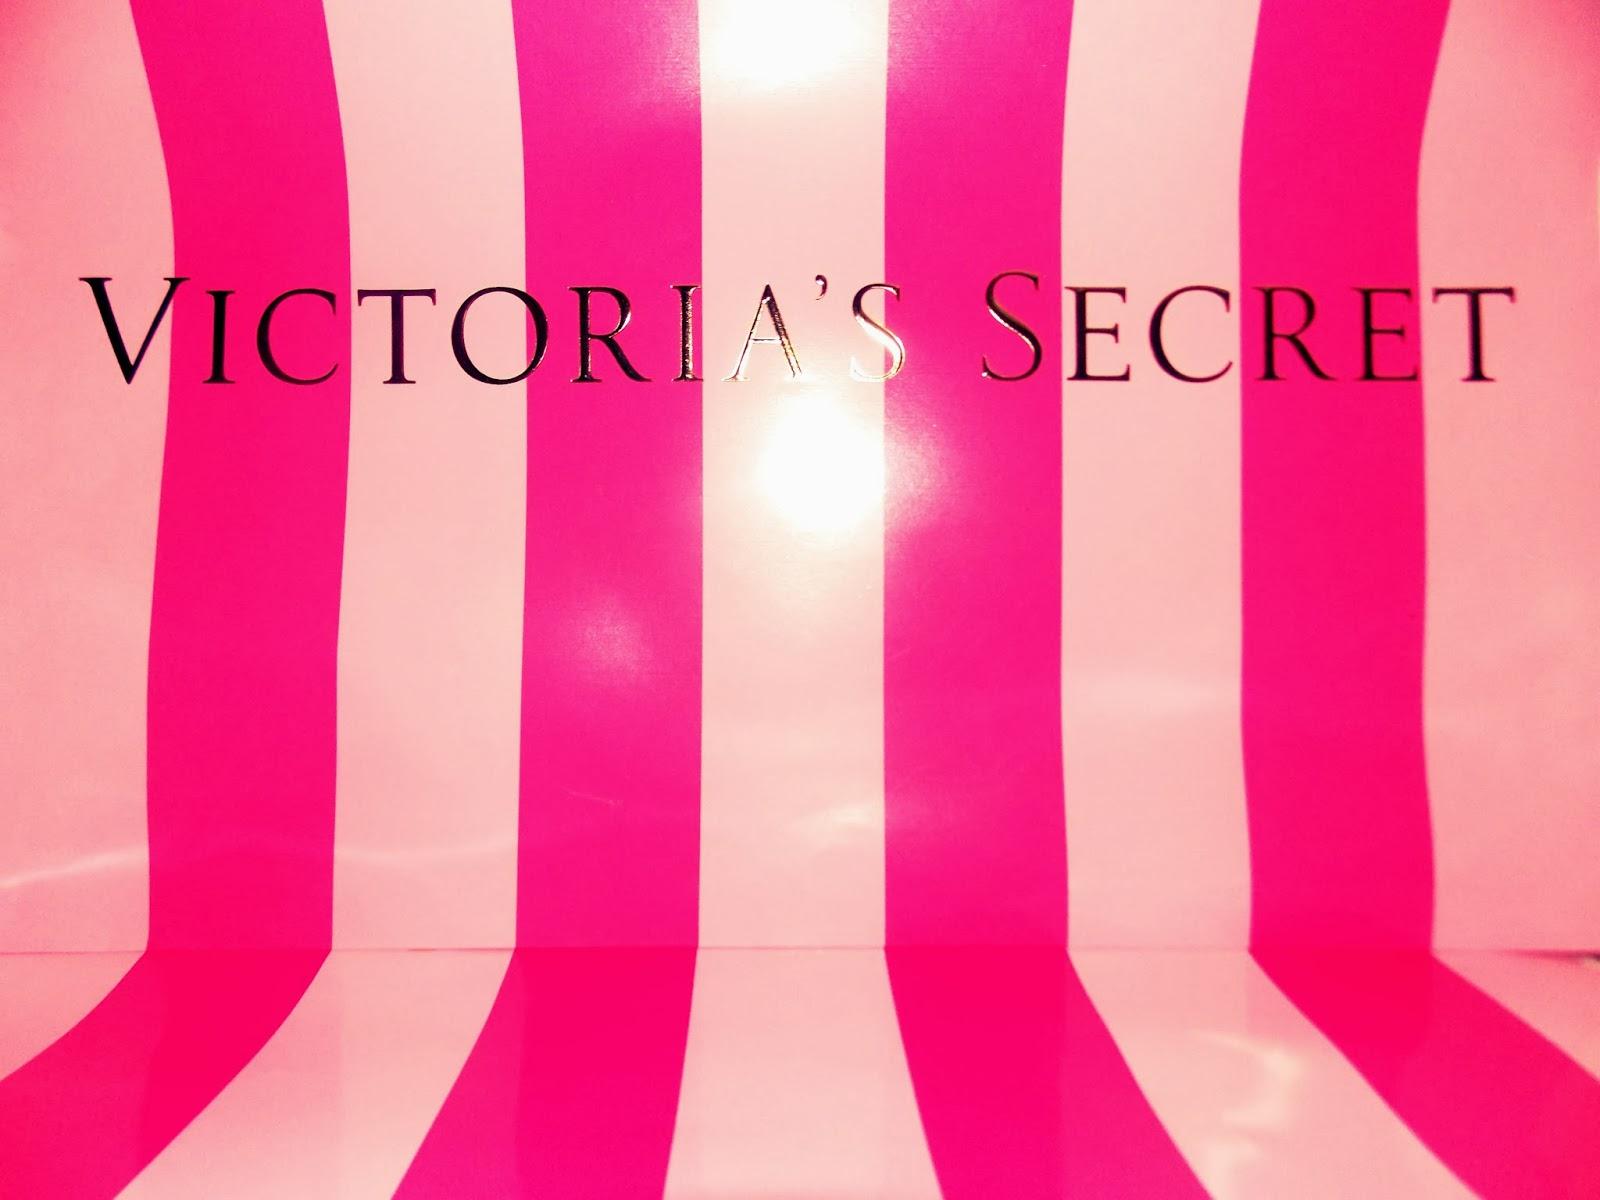 Victoria's Secret Pink Wallpaper